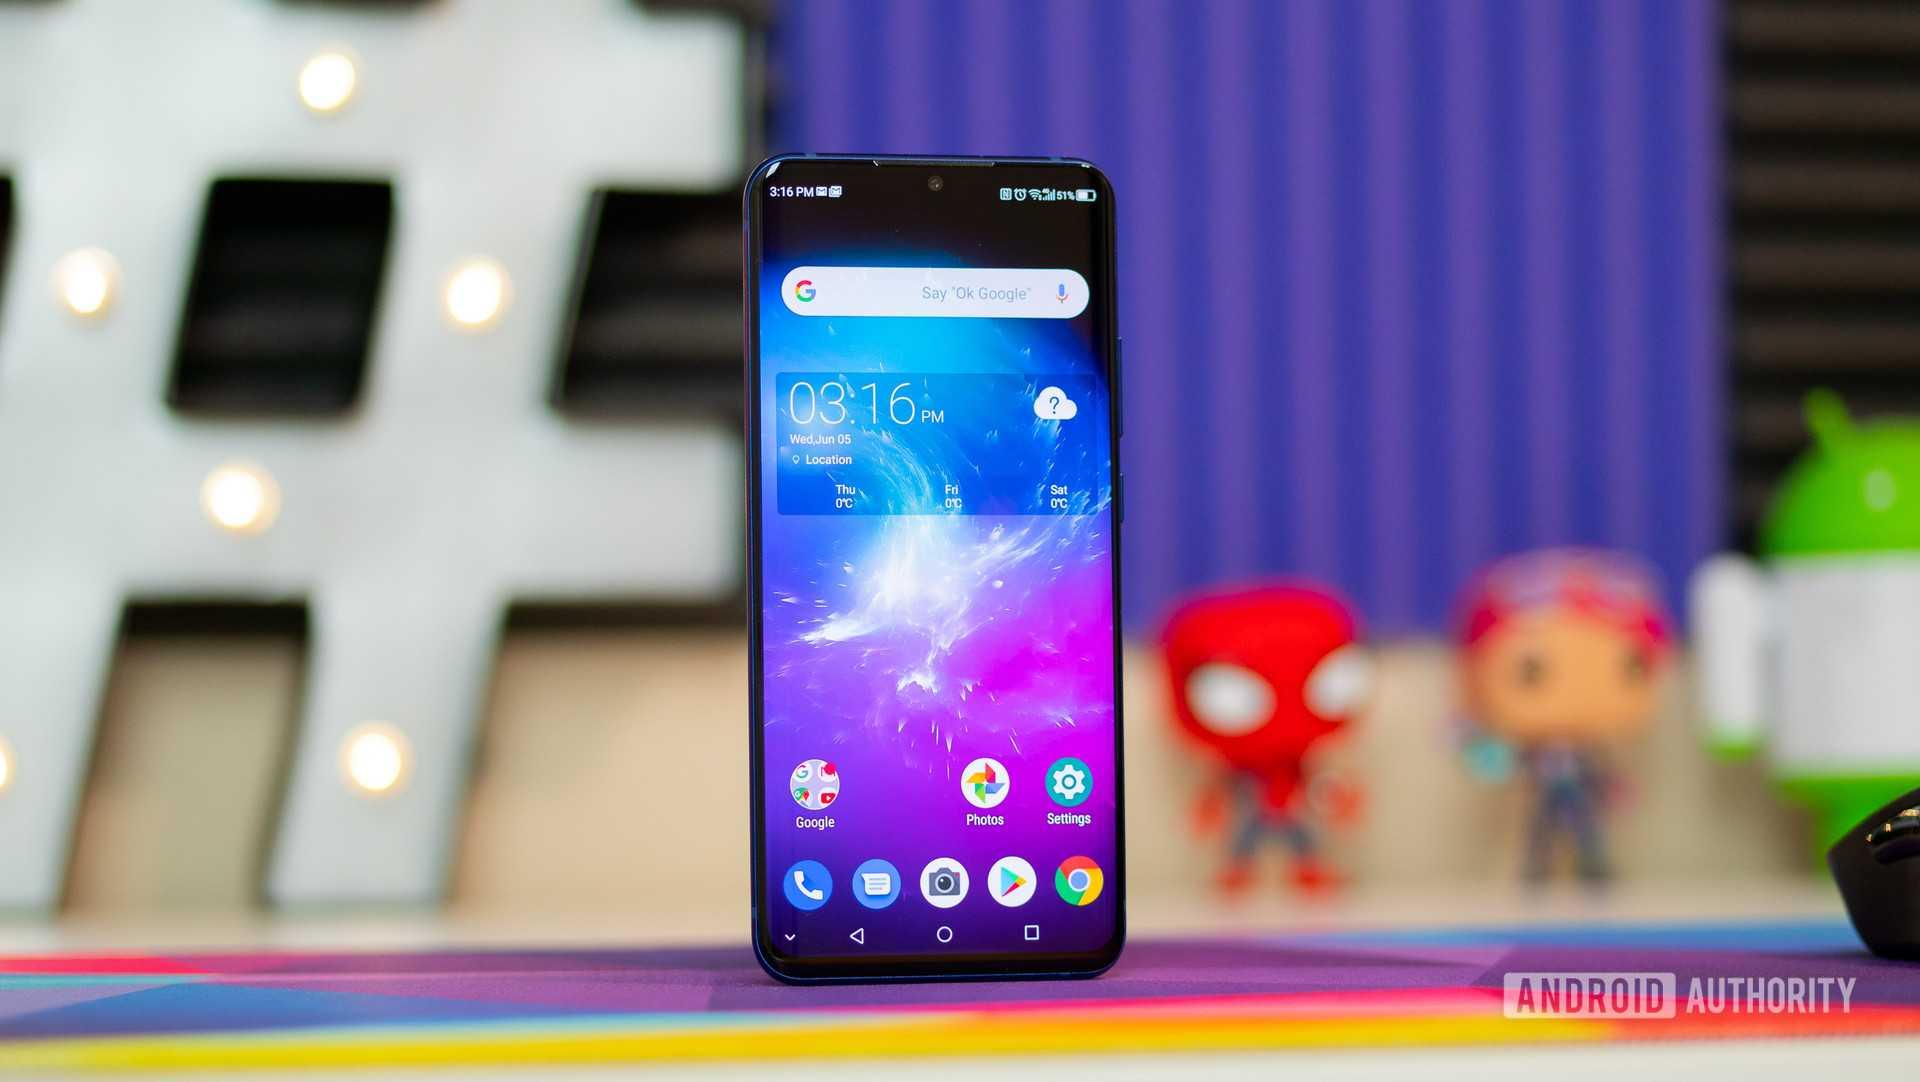 Наверняка уже многие поклонники компании ZTE знают о скором выходе смартфона Axon 10 Pro 5G презентация которого состоялась на MWC 2021 Наконец-то стало известно